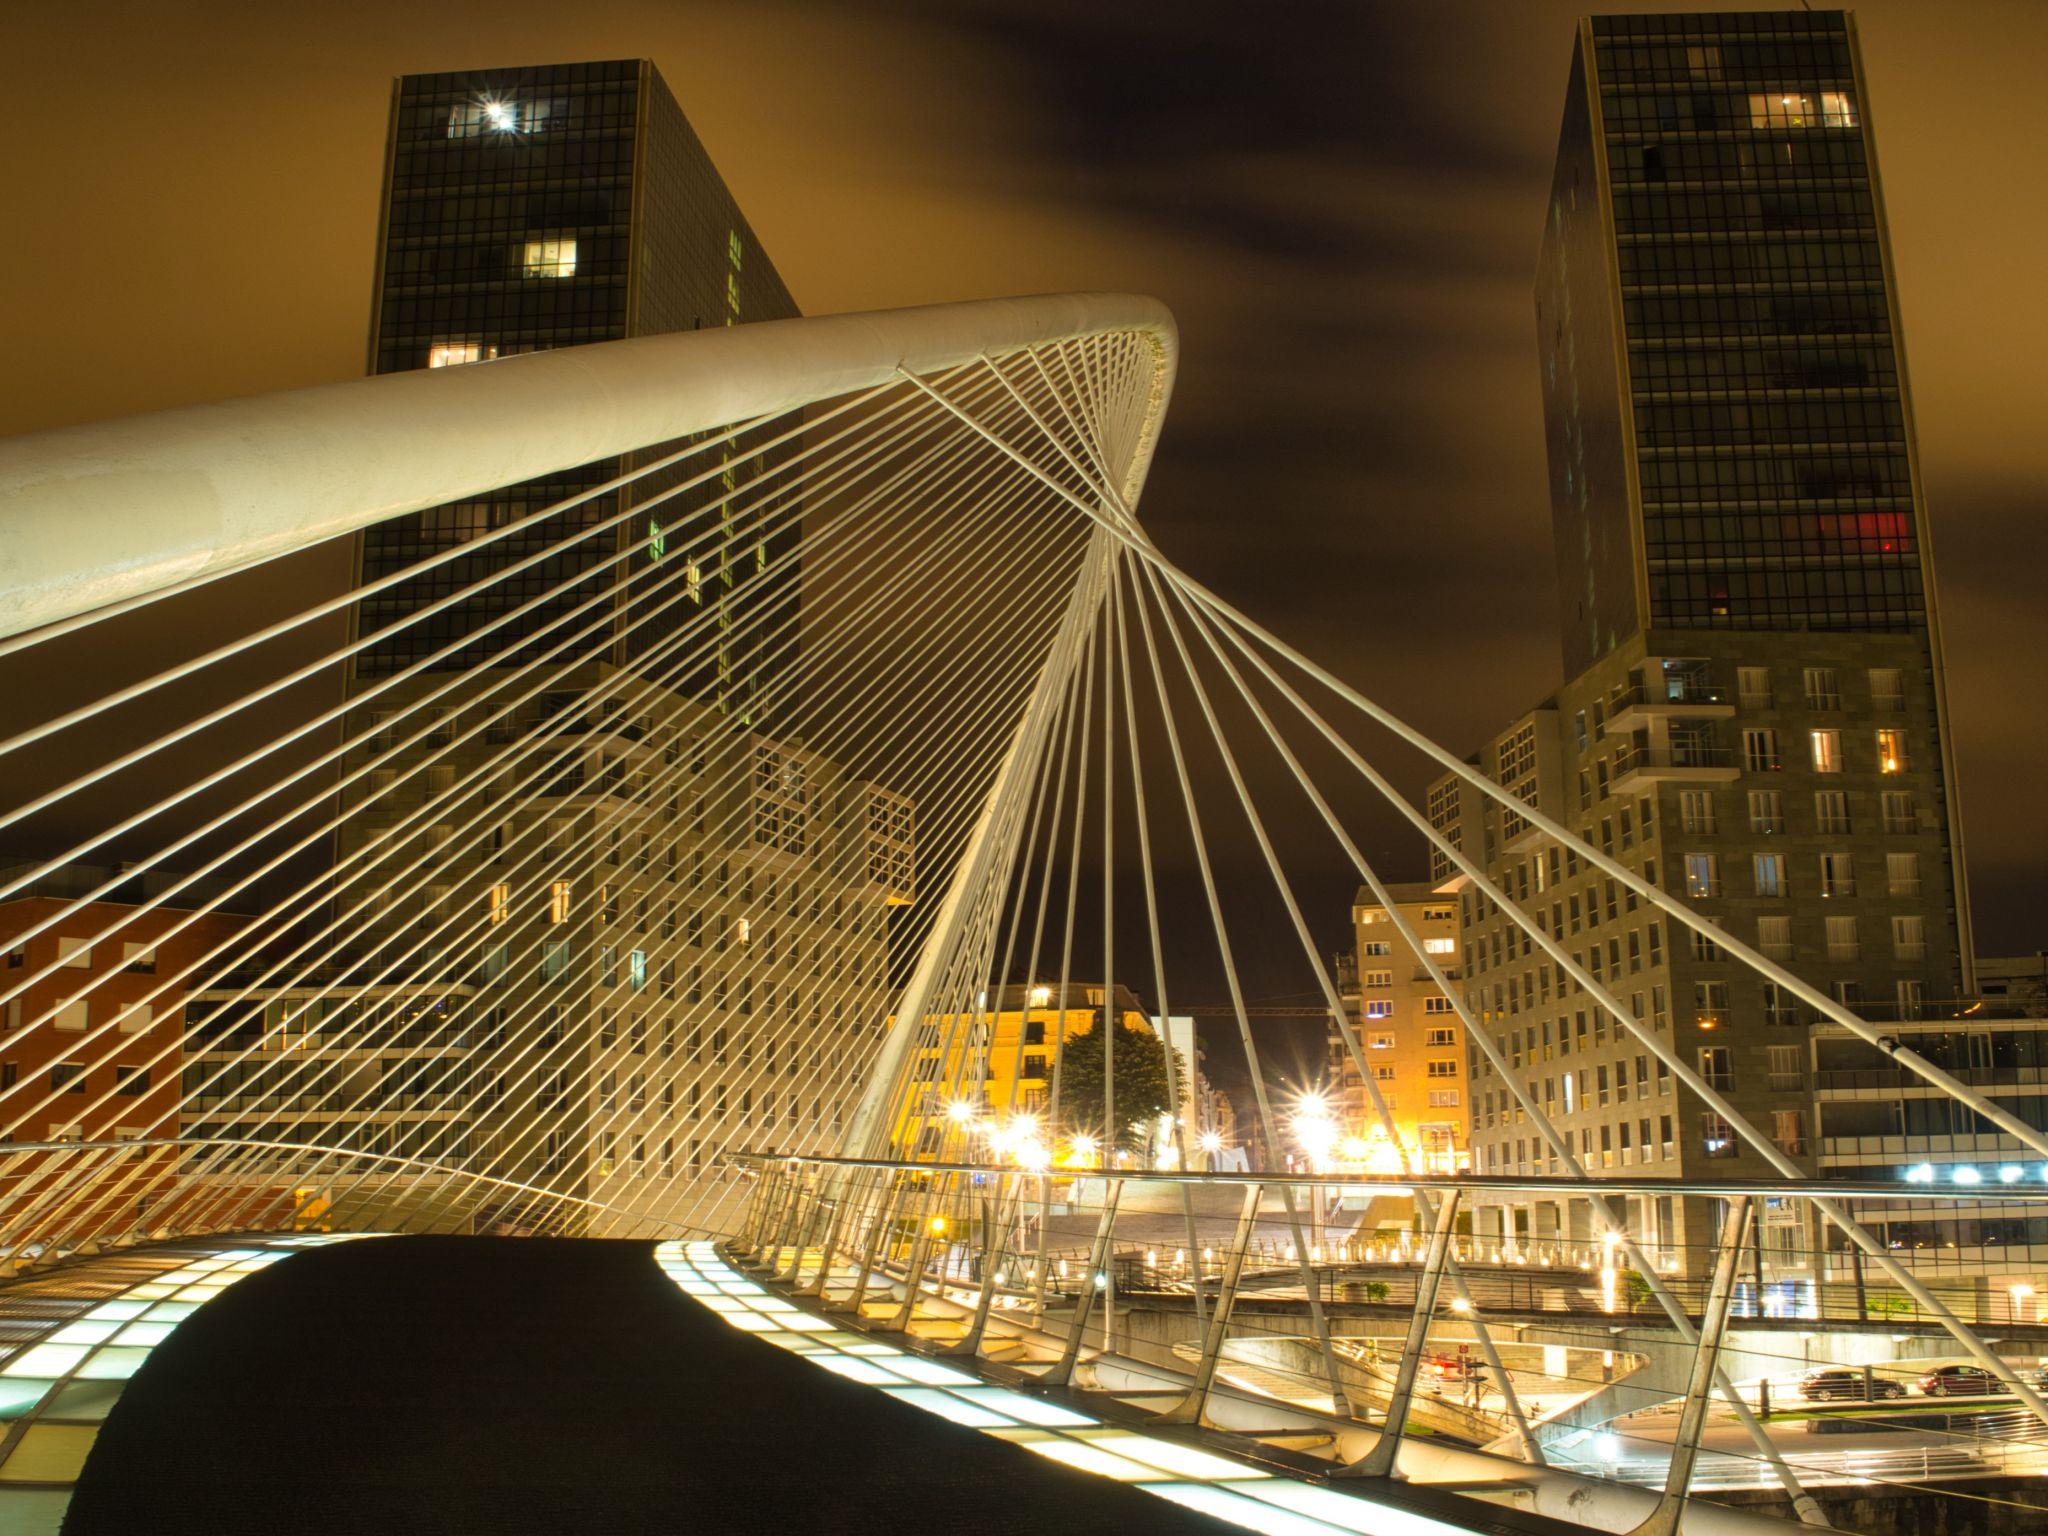 Zubizuri/Puente de Calatrava, Spain